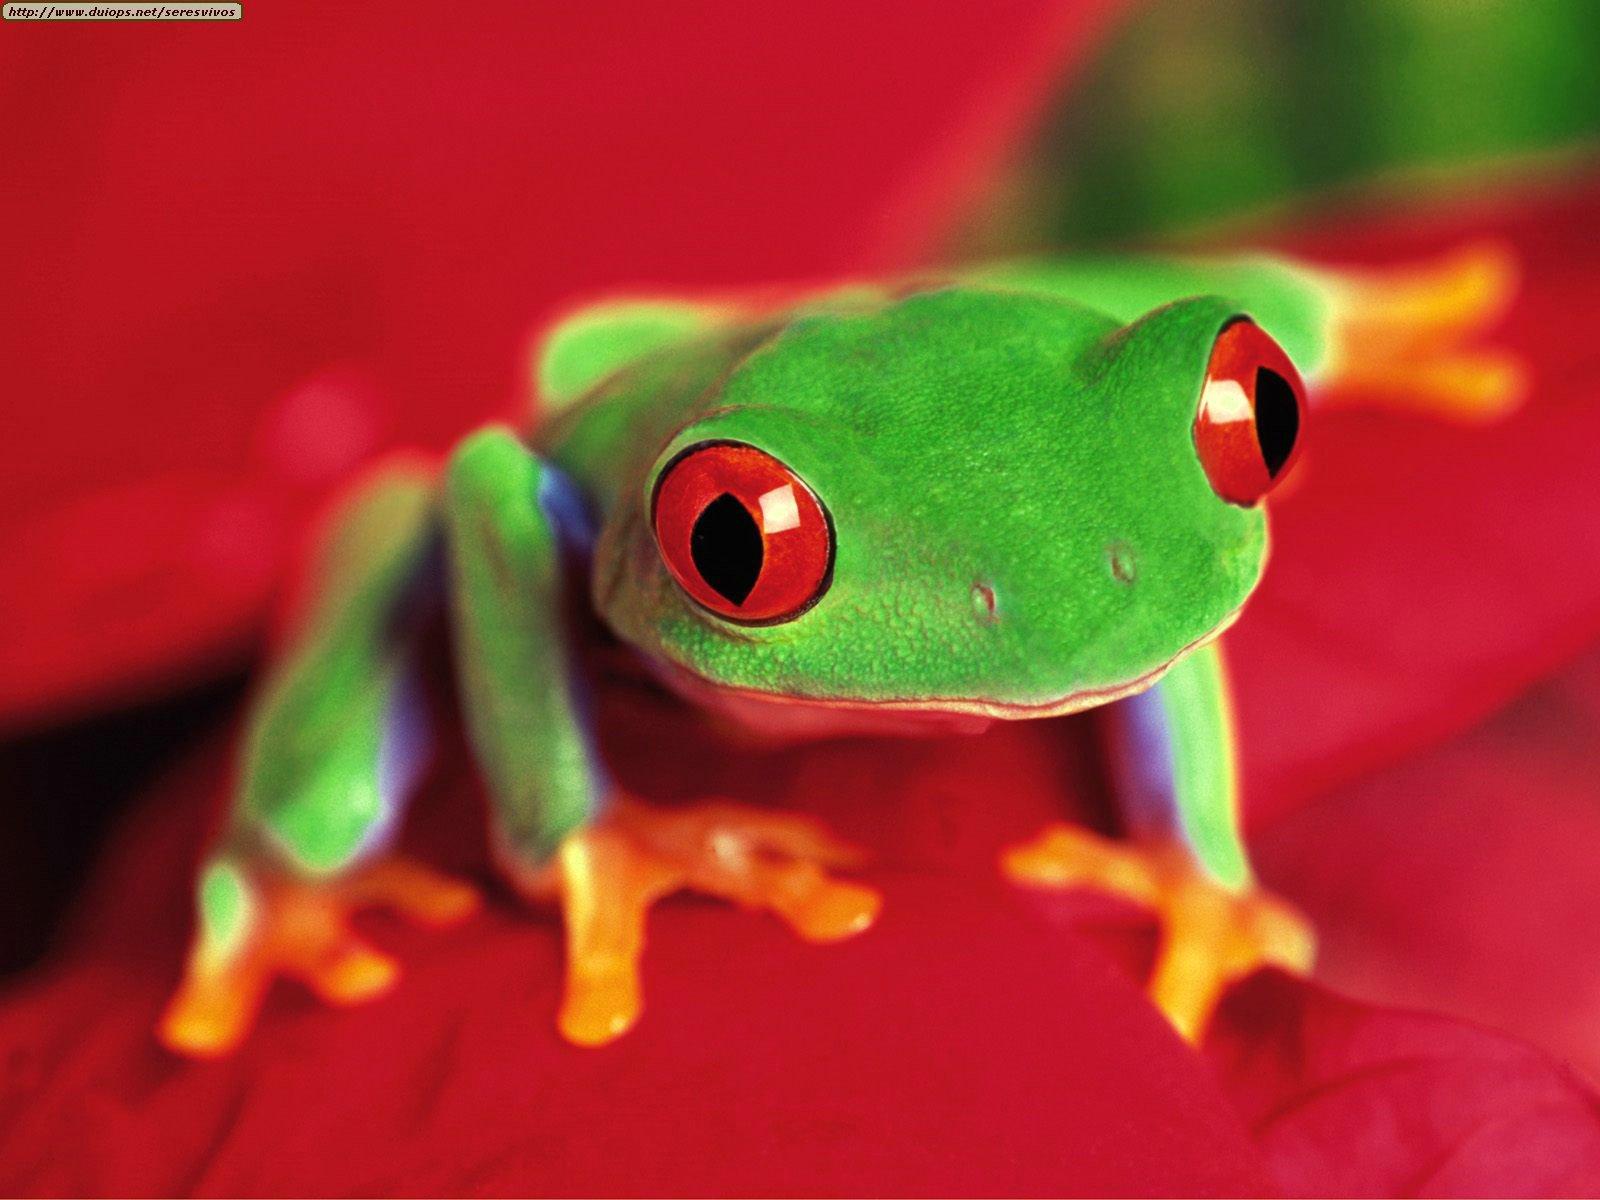 http://www.duiops.net/seresvivos/galeria/ranassapos/Red-eyed%20Tree%20Frog.jpg